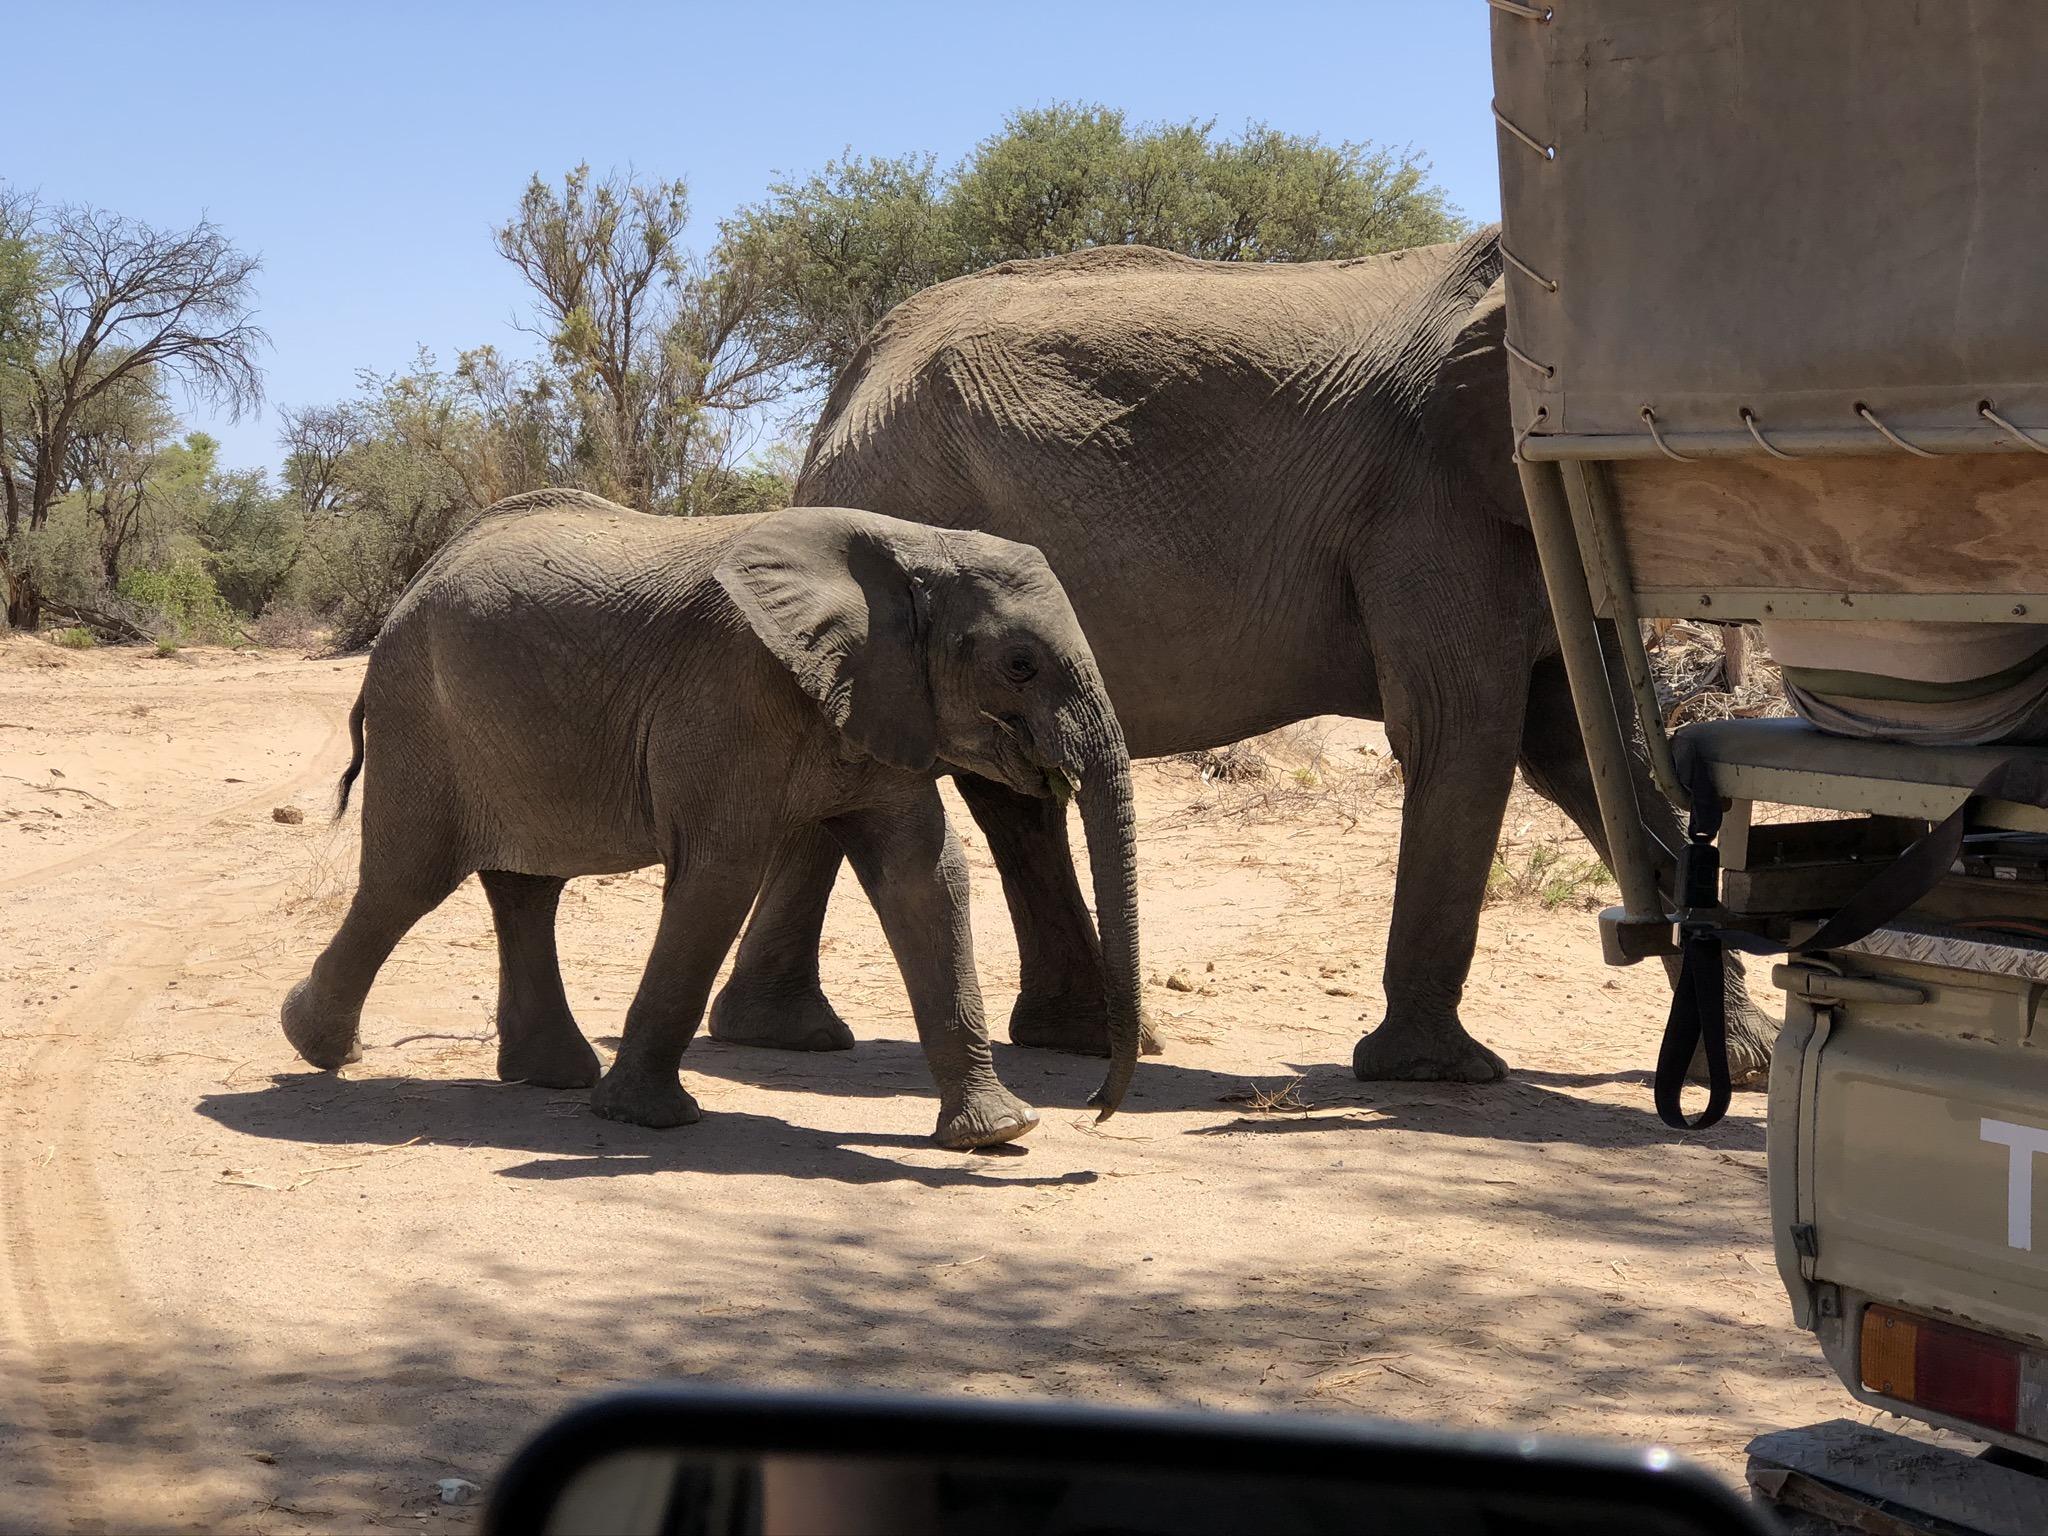 de-ervaringen-van-paulien-tijdens-het-desert-elephant-project-namibie-deel-2-1